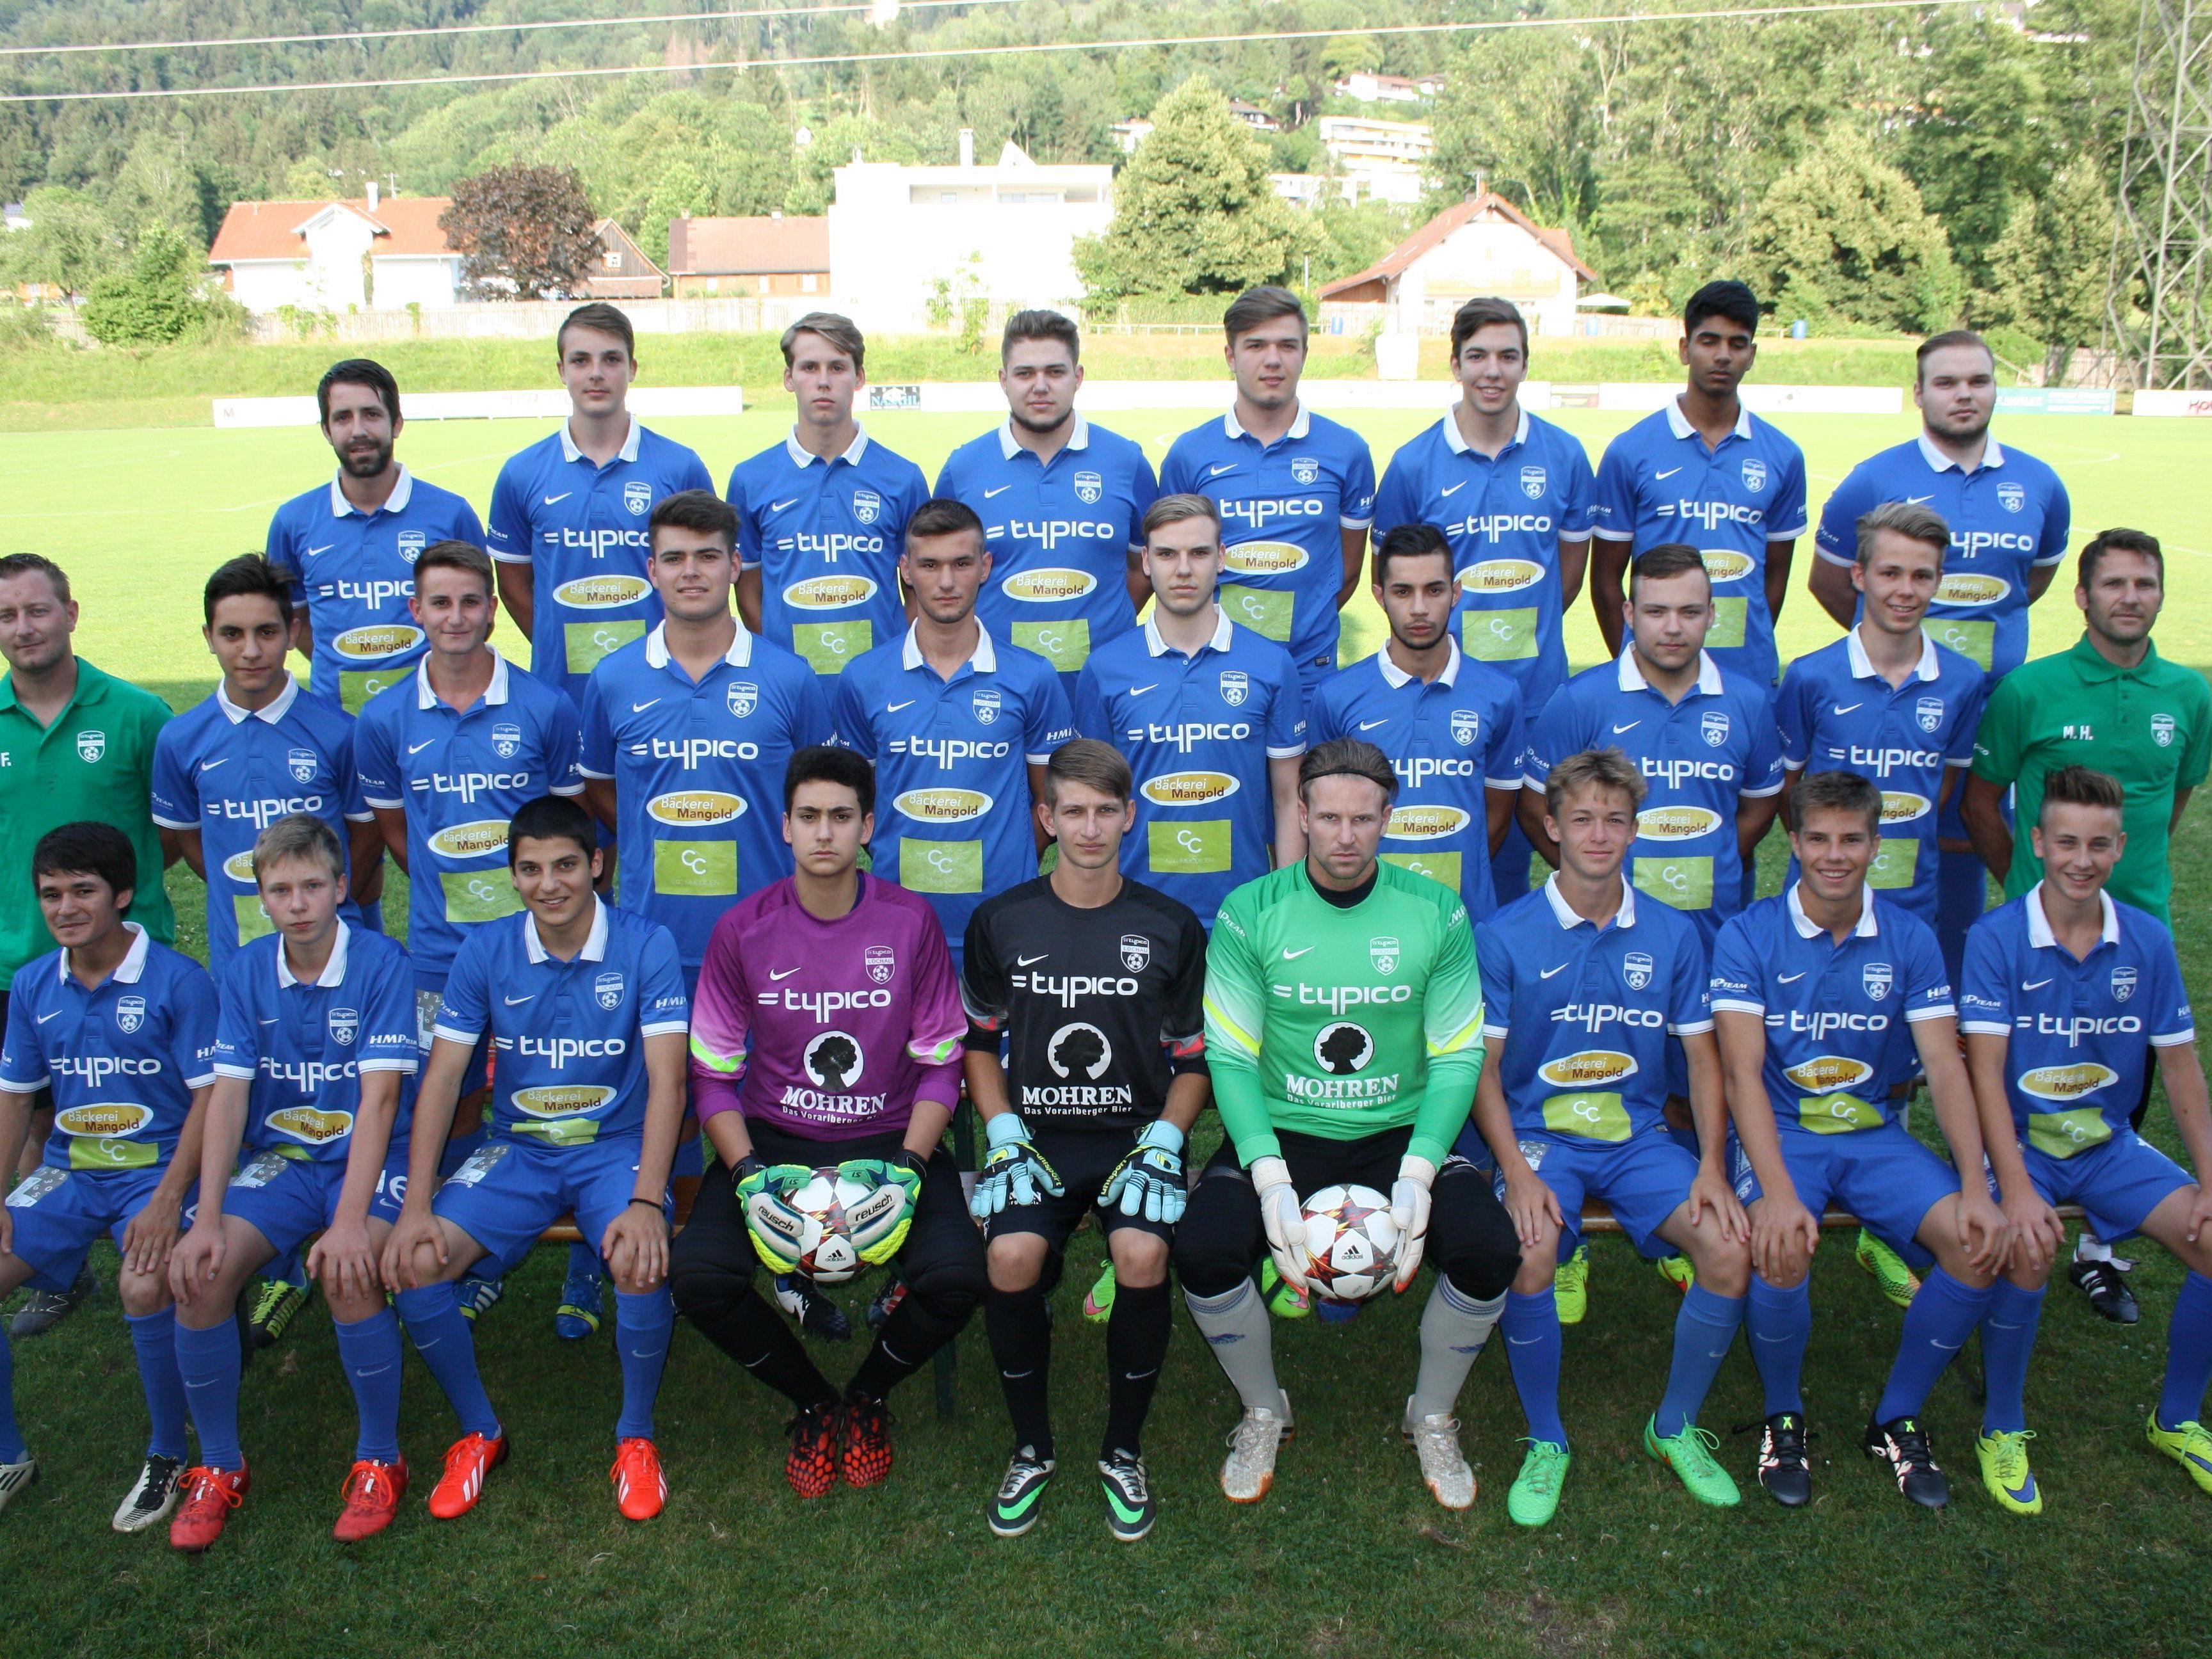 Der Kader des erfolgreichen 1b-Teams des SV Typico Lochau für die Spielsaison 2015/16 – nach vier Runden Tabellenführer in der 3. Landesklasse